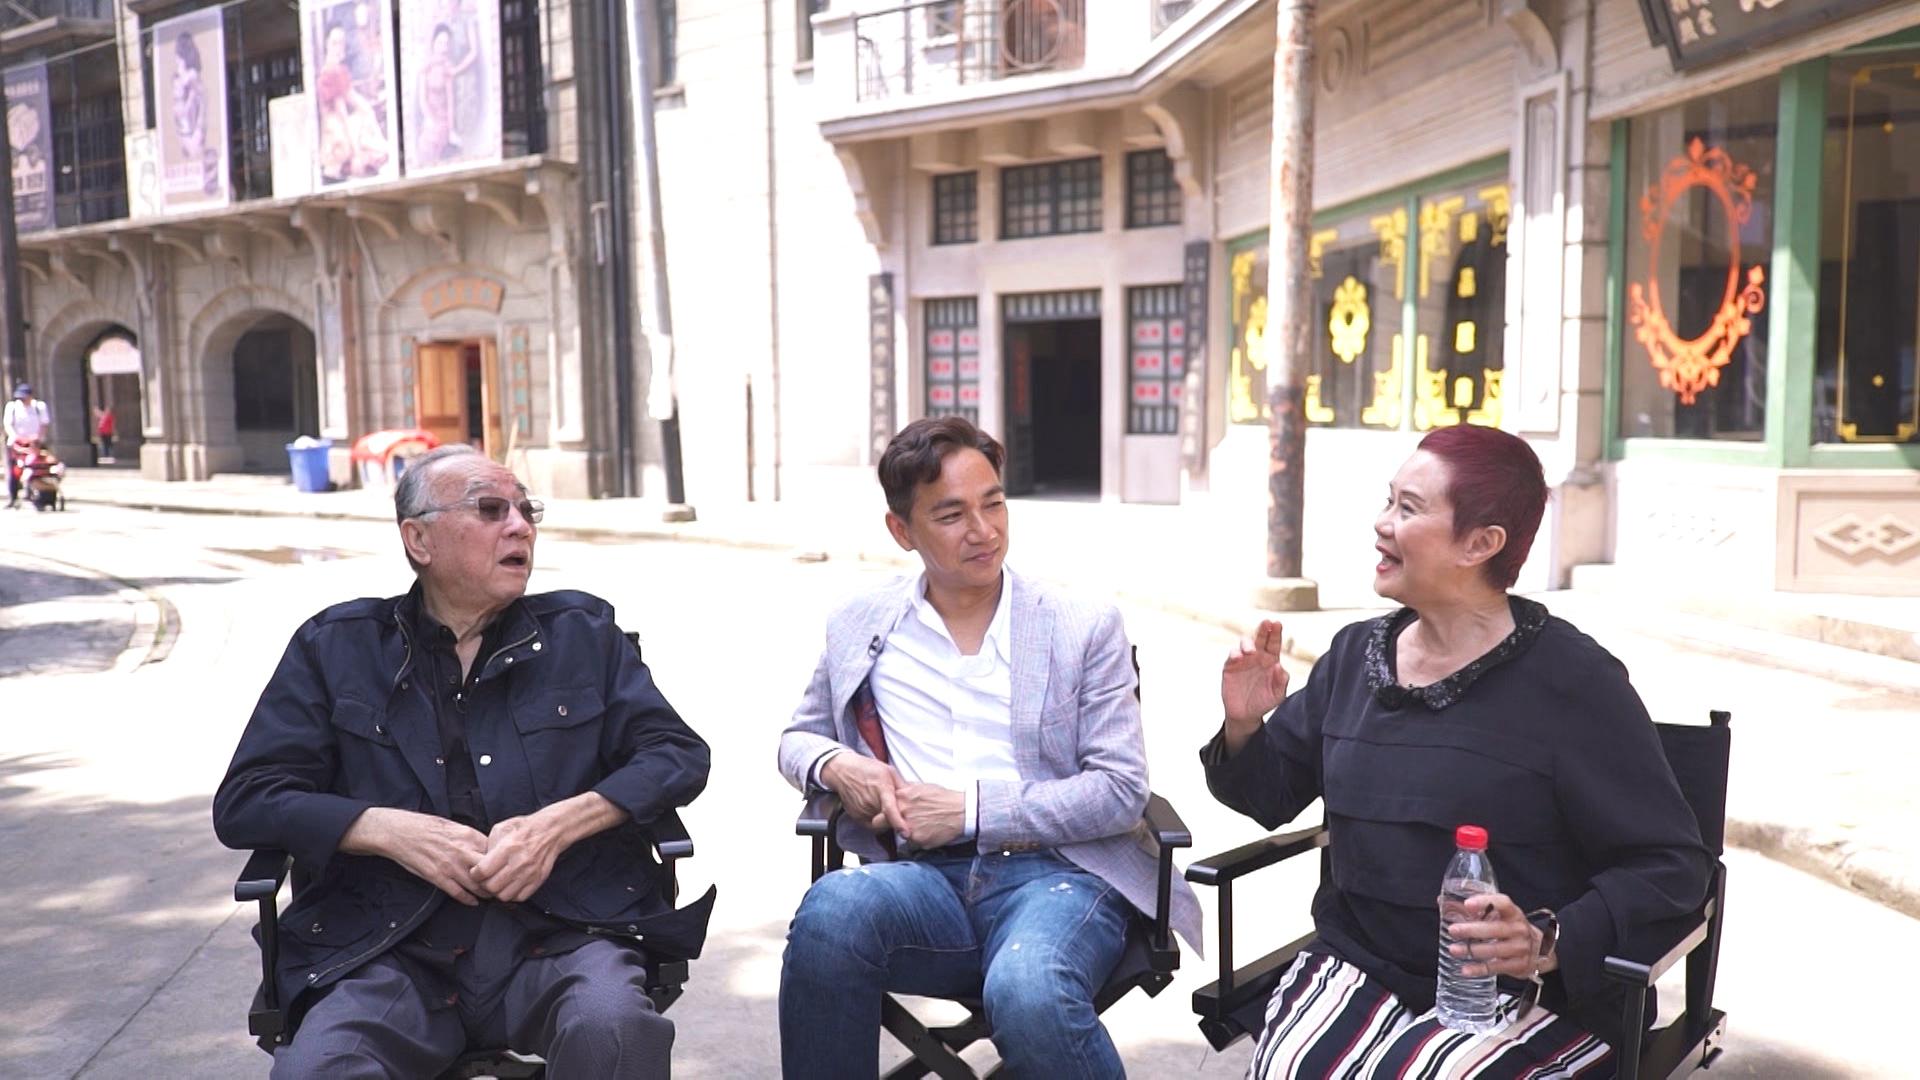 大姐明與鵬哥專程到上海探望已北上發展並定居上海的老朋友駱達華。